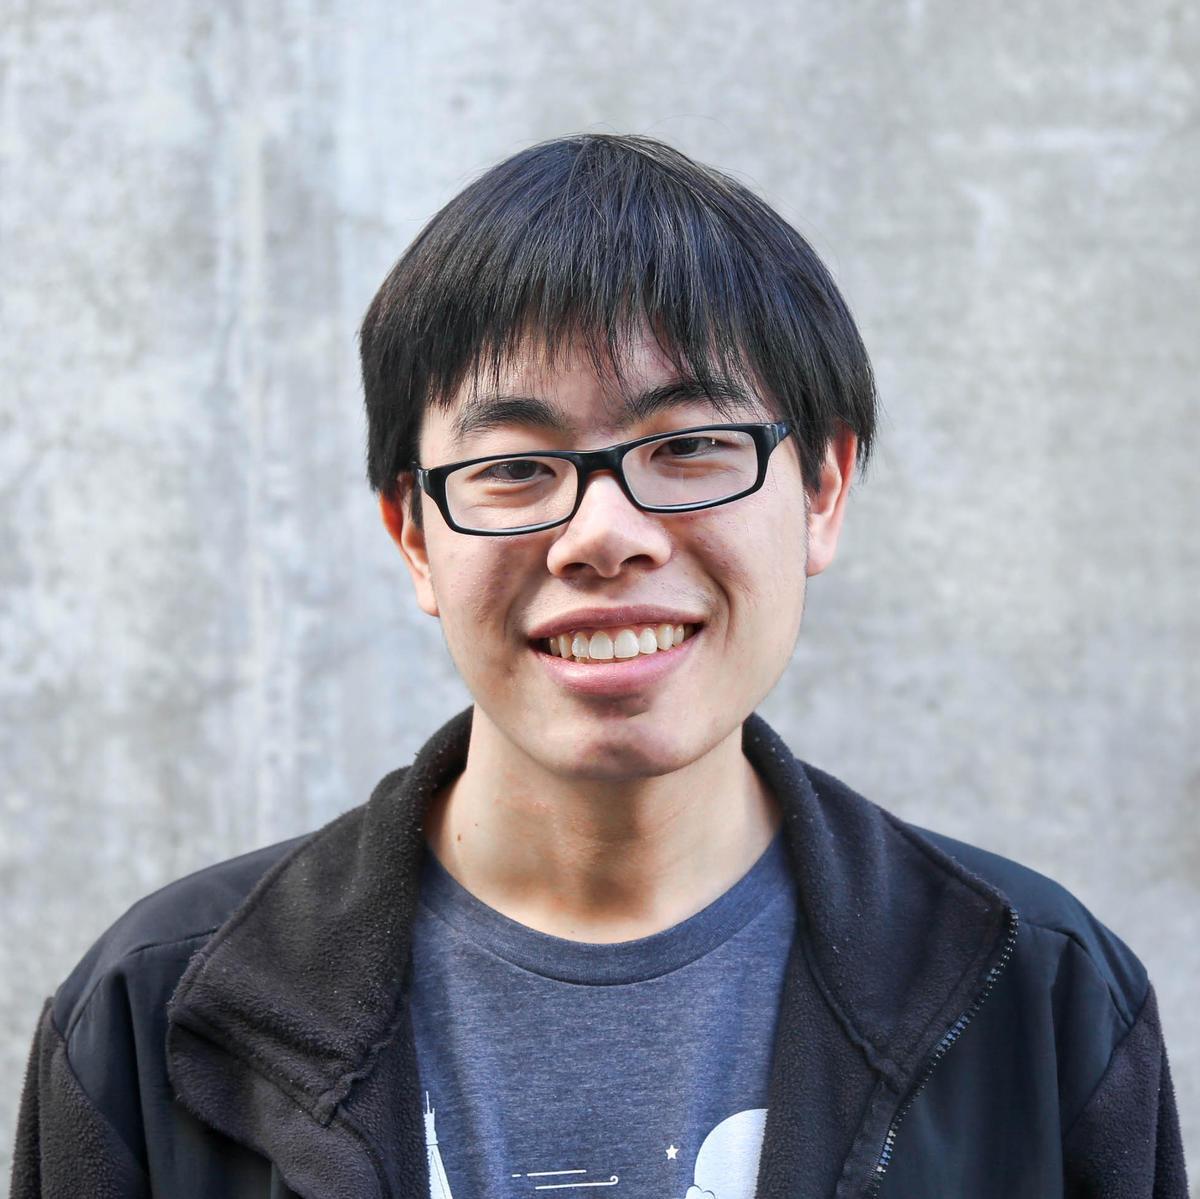 William Dai, Information Security